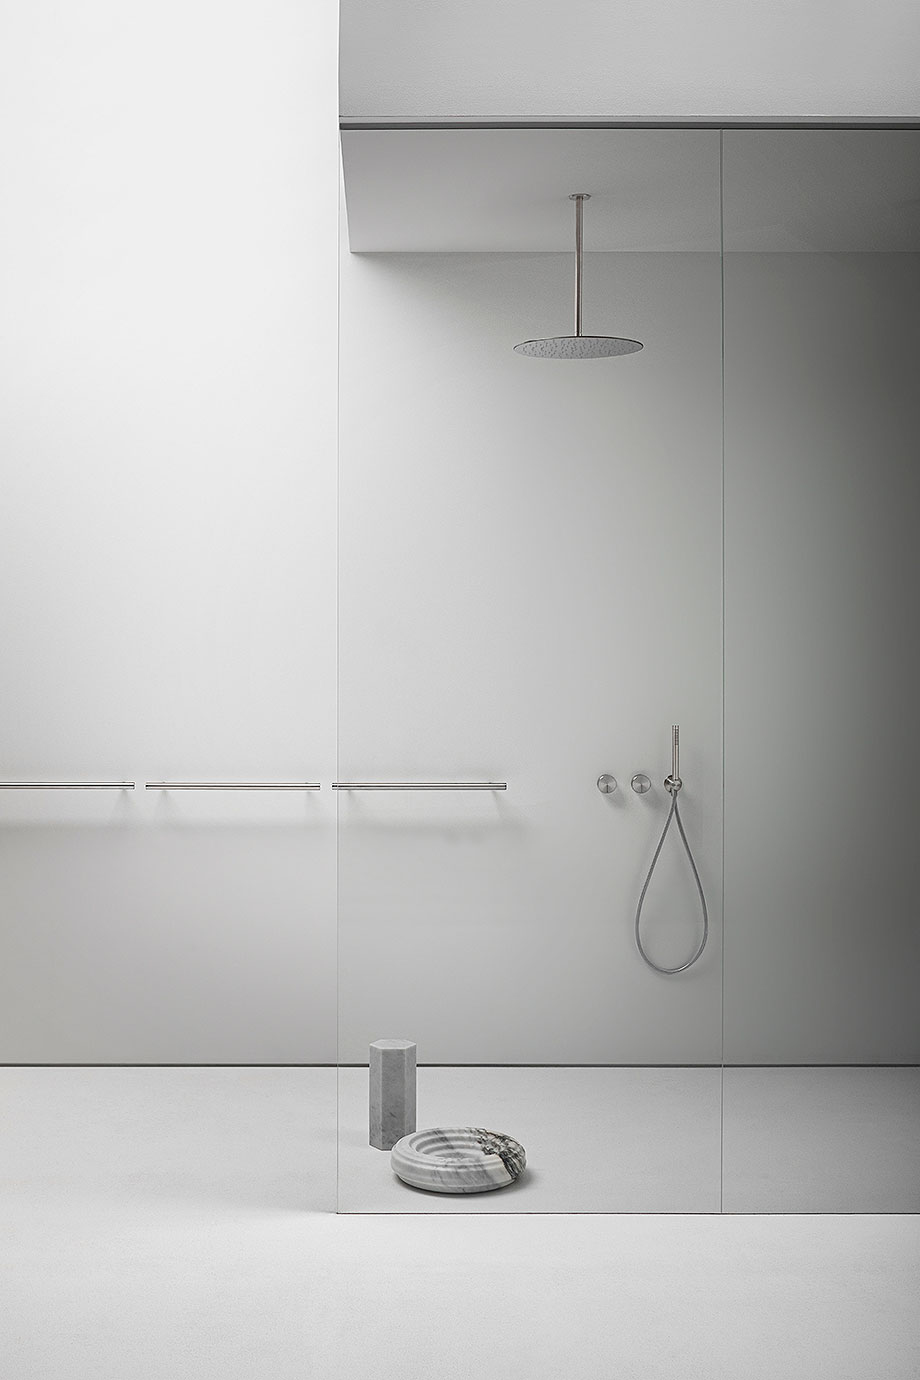 accesorios para baño cilindro de victor vasilev para falper (6) - foto alberto strada